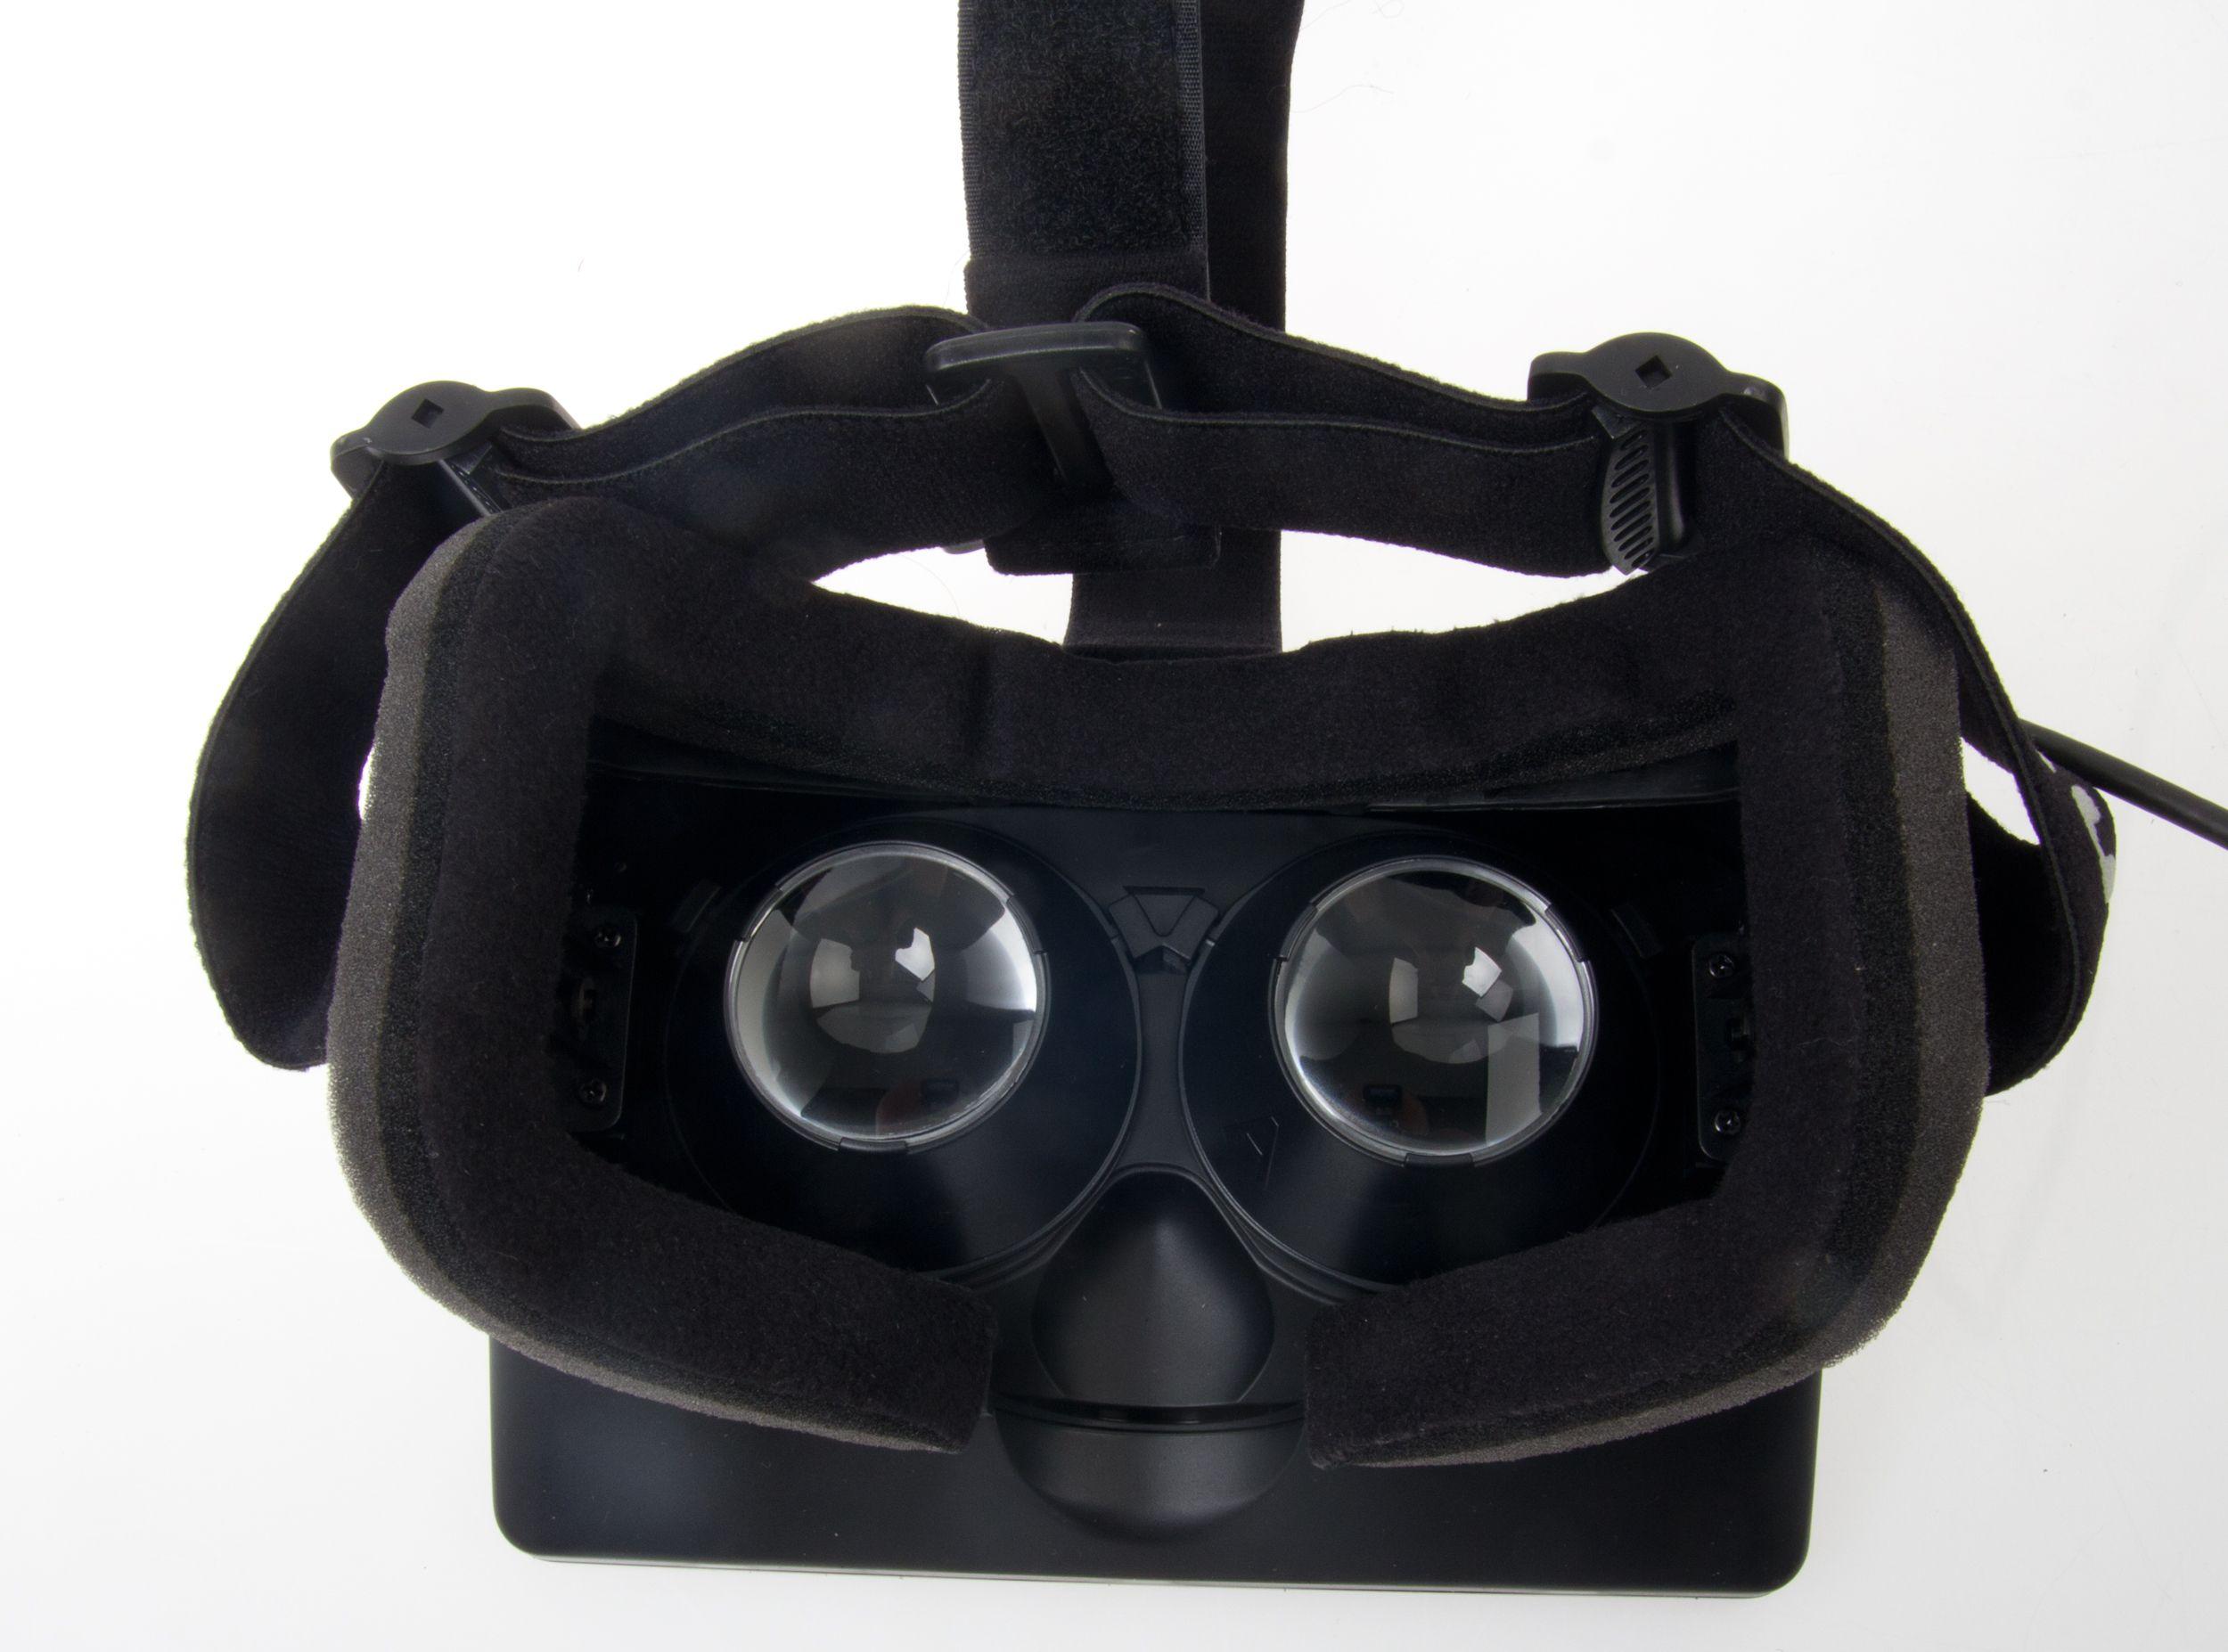 Linsene inni Oculus VR kan skiftes ut, som er til stor hjelp for nærsynte.Foto: Rolf B. Wegner, Hardware.no